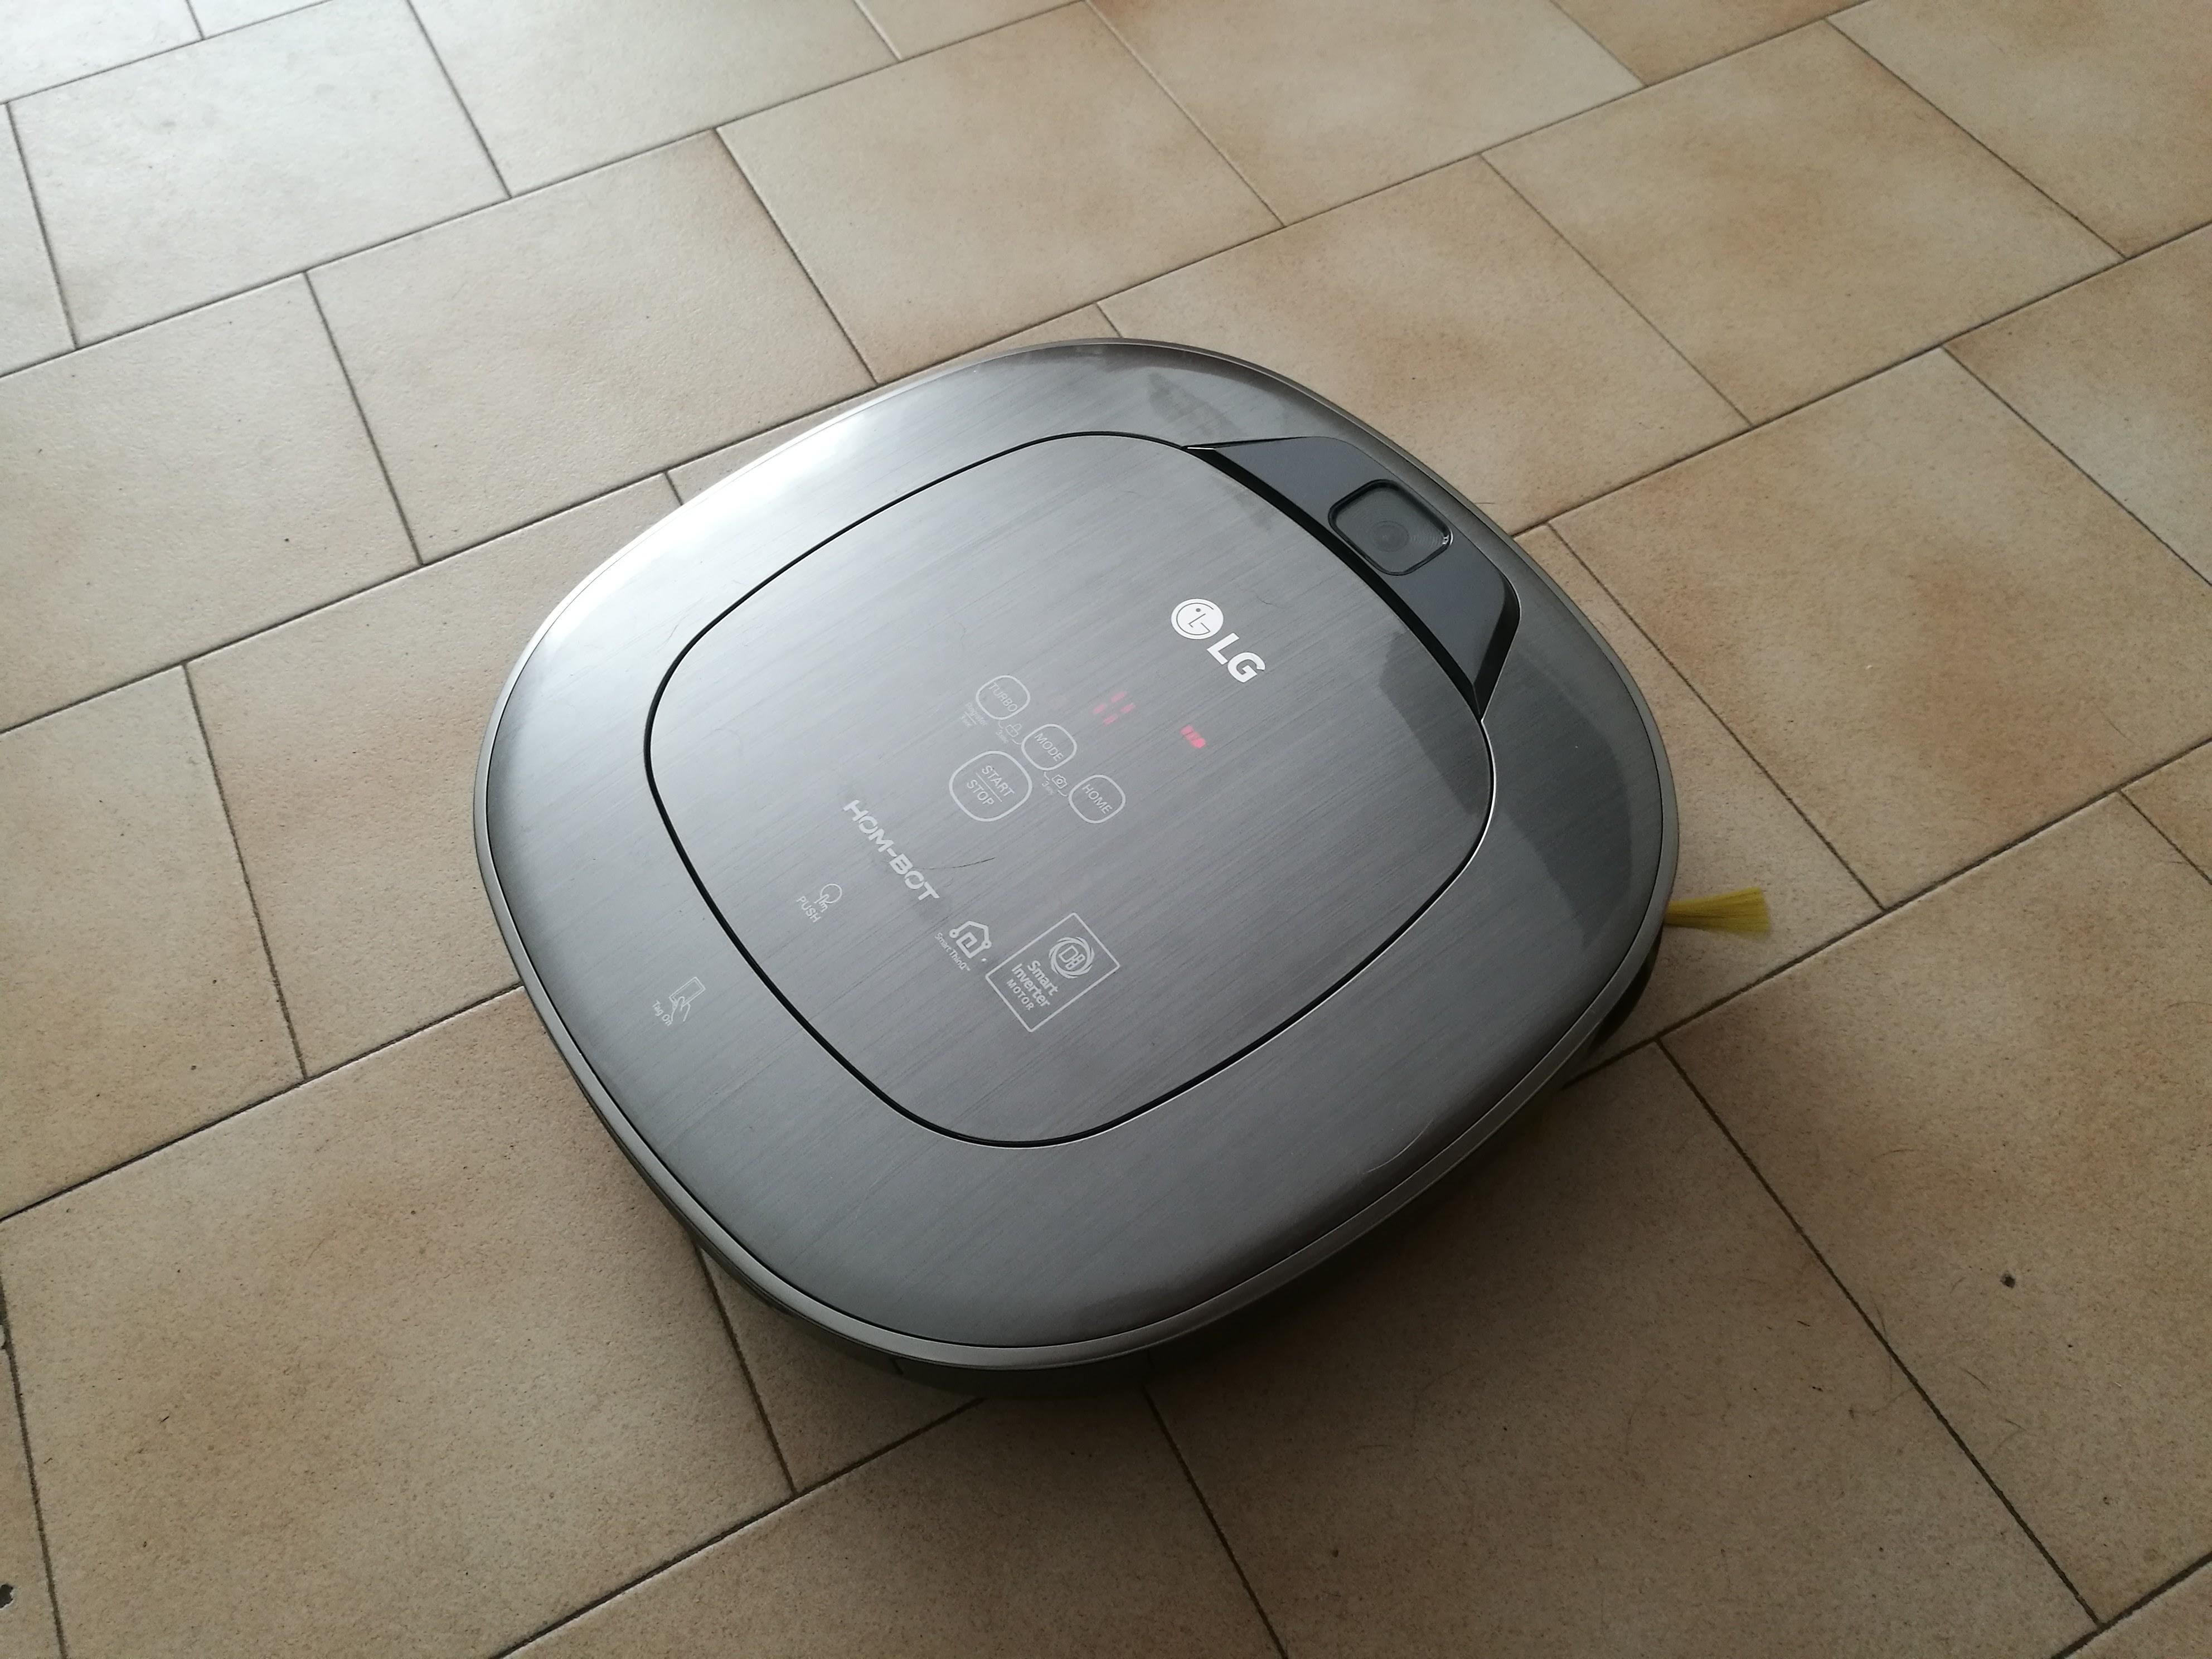 Aspirateur connecté LG Hom-Bot